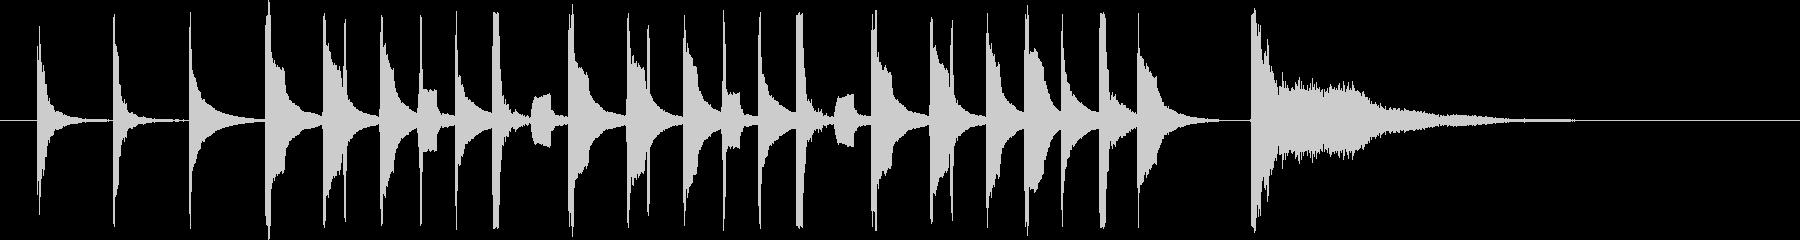 呑気なリコーダーとマリンバの未再生の波形